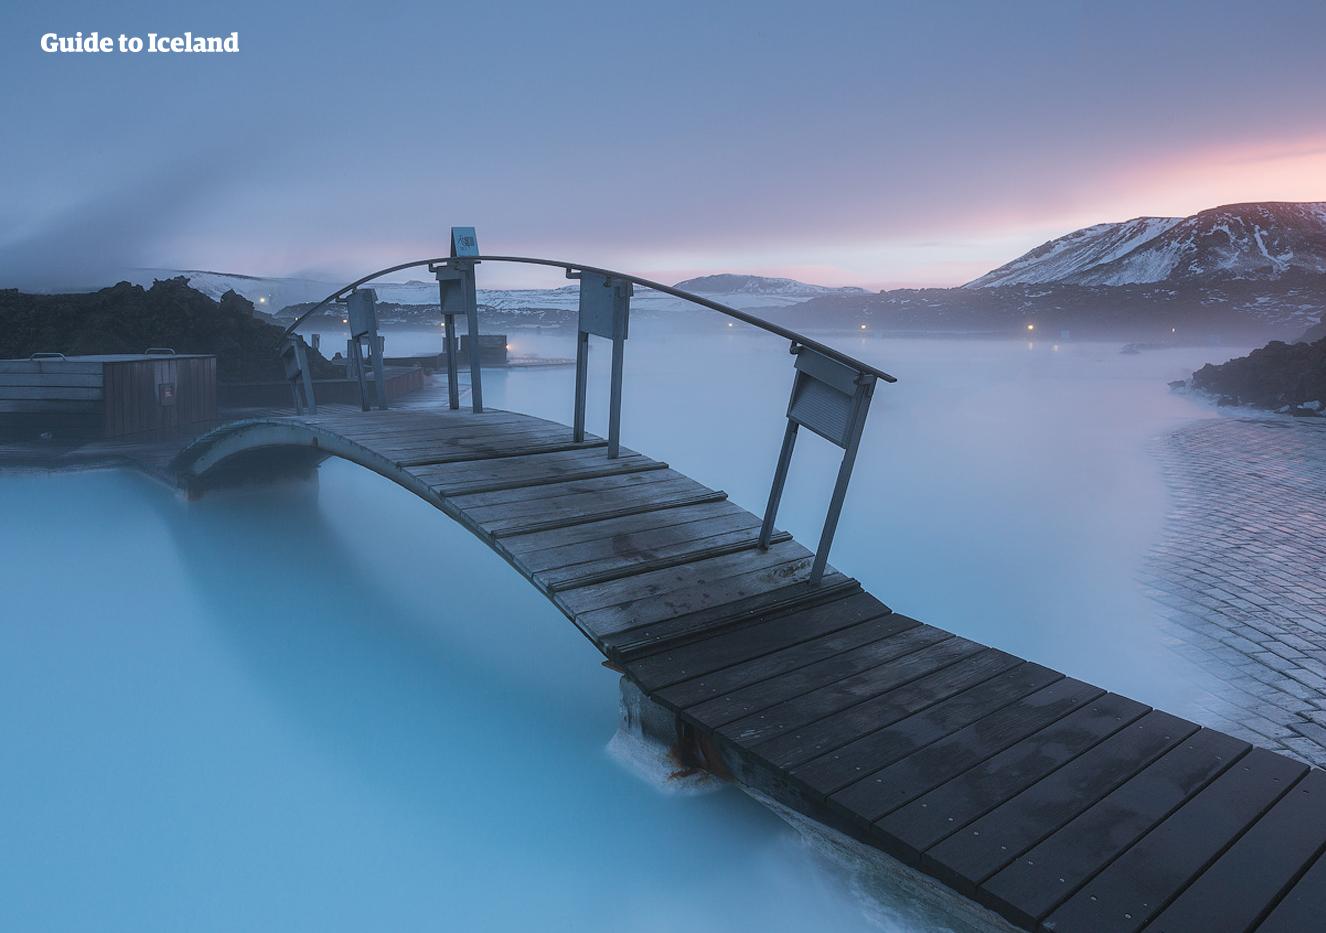 12-дневный автотур | Круг вокруг Исландии по Национальным паркам - day 12